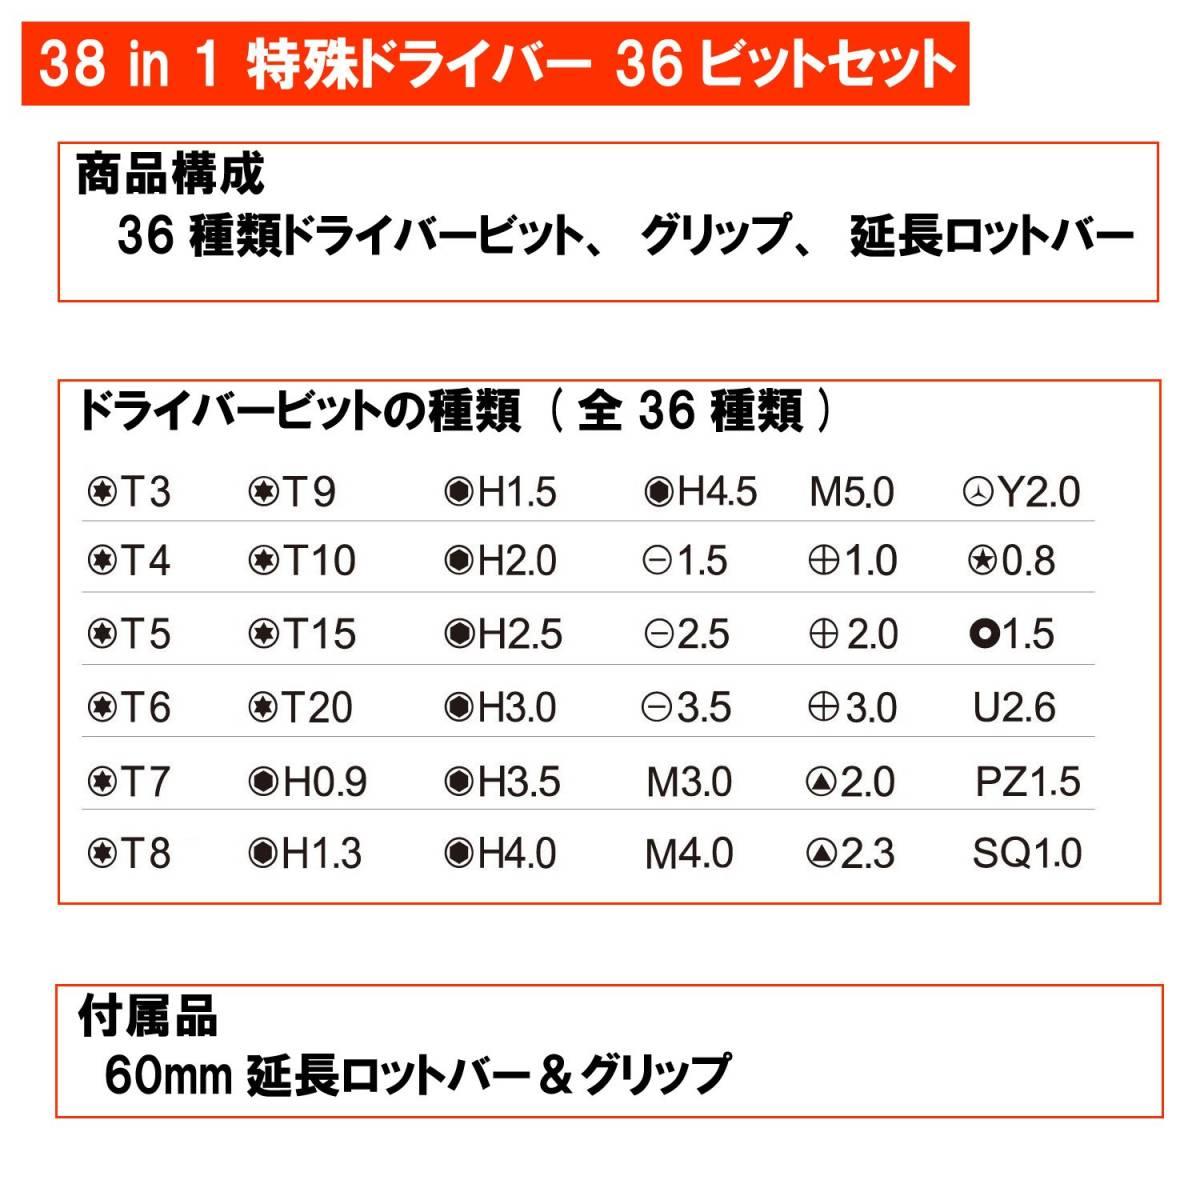 【送料無料】■38in1 特殊ドライバーセット■六角棒 Y型 三角ネジ 五角 ペンタローブ_一家に1セット♪_画像4